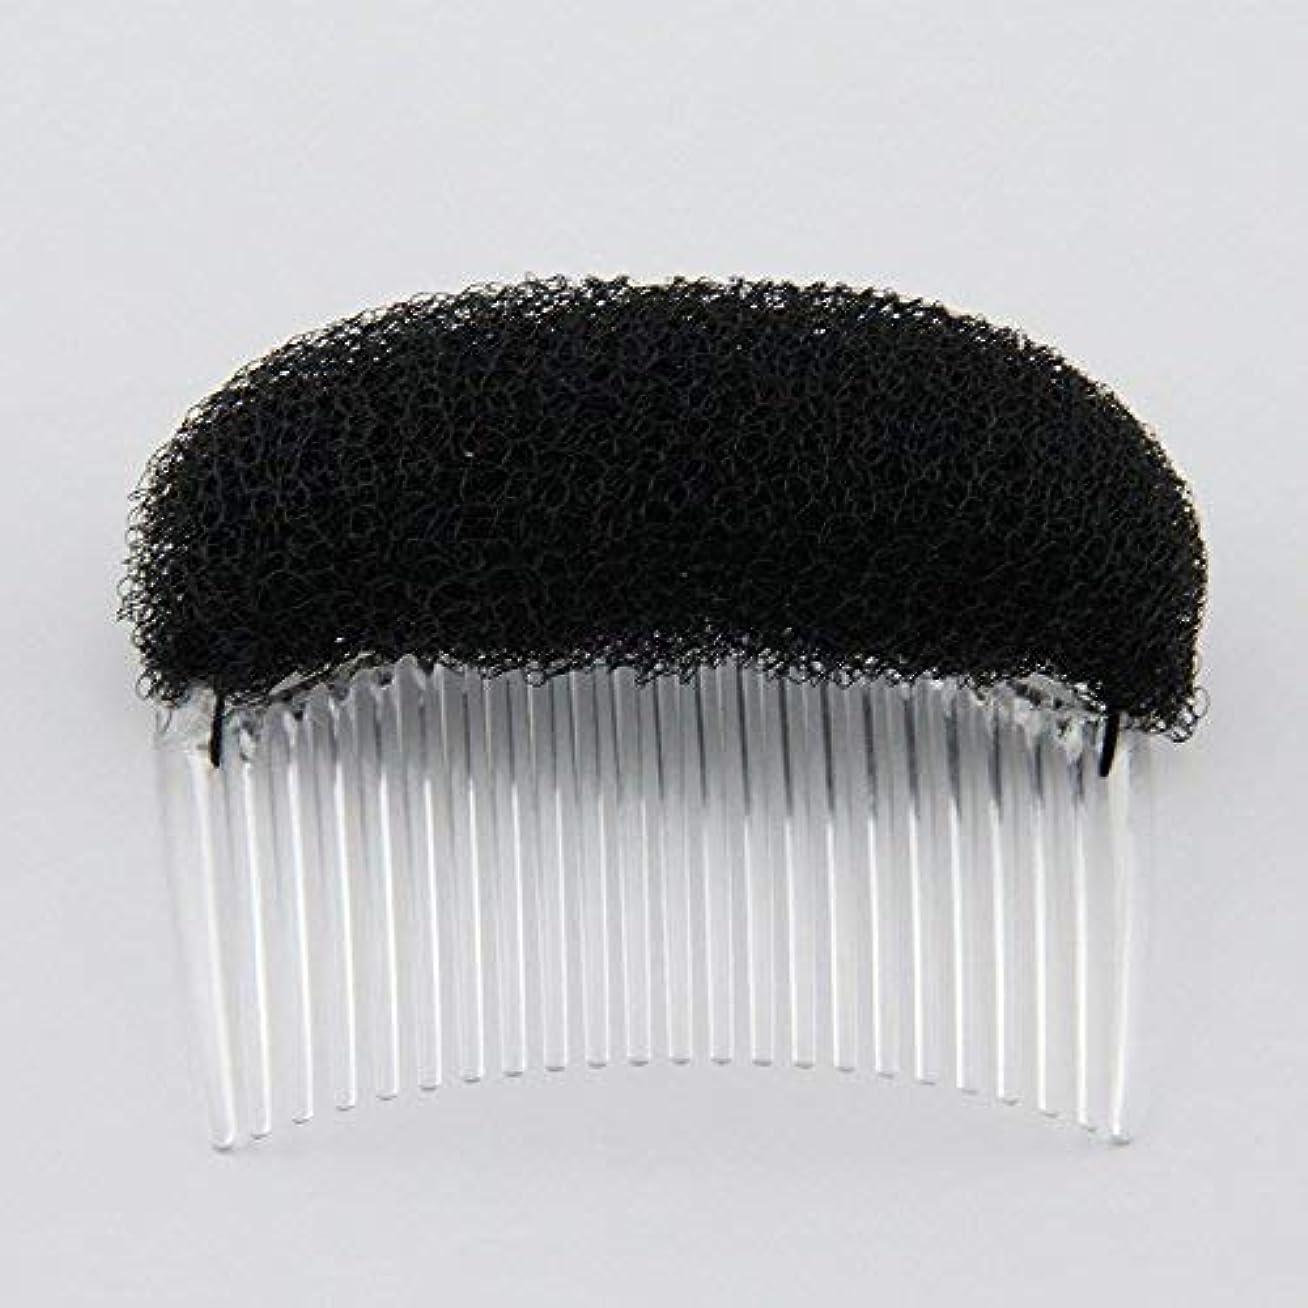 磁気暗黙温帯1PC Charming BUMP IT UP Volume Inserts Do Beehive hair styler Insert Tool Hair Comb Black/Brown colors for choose...